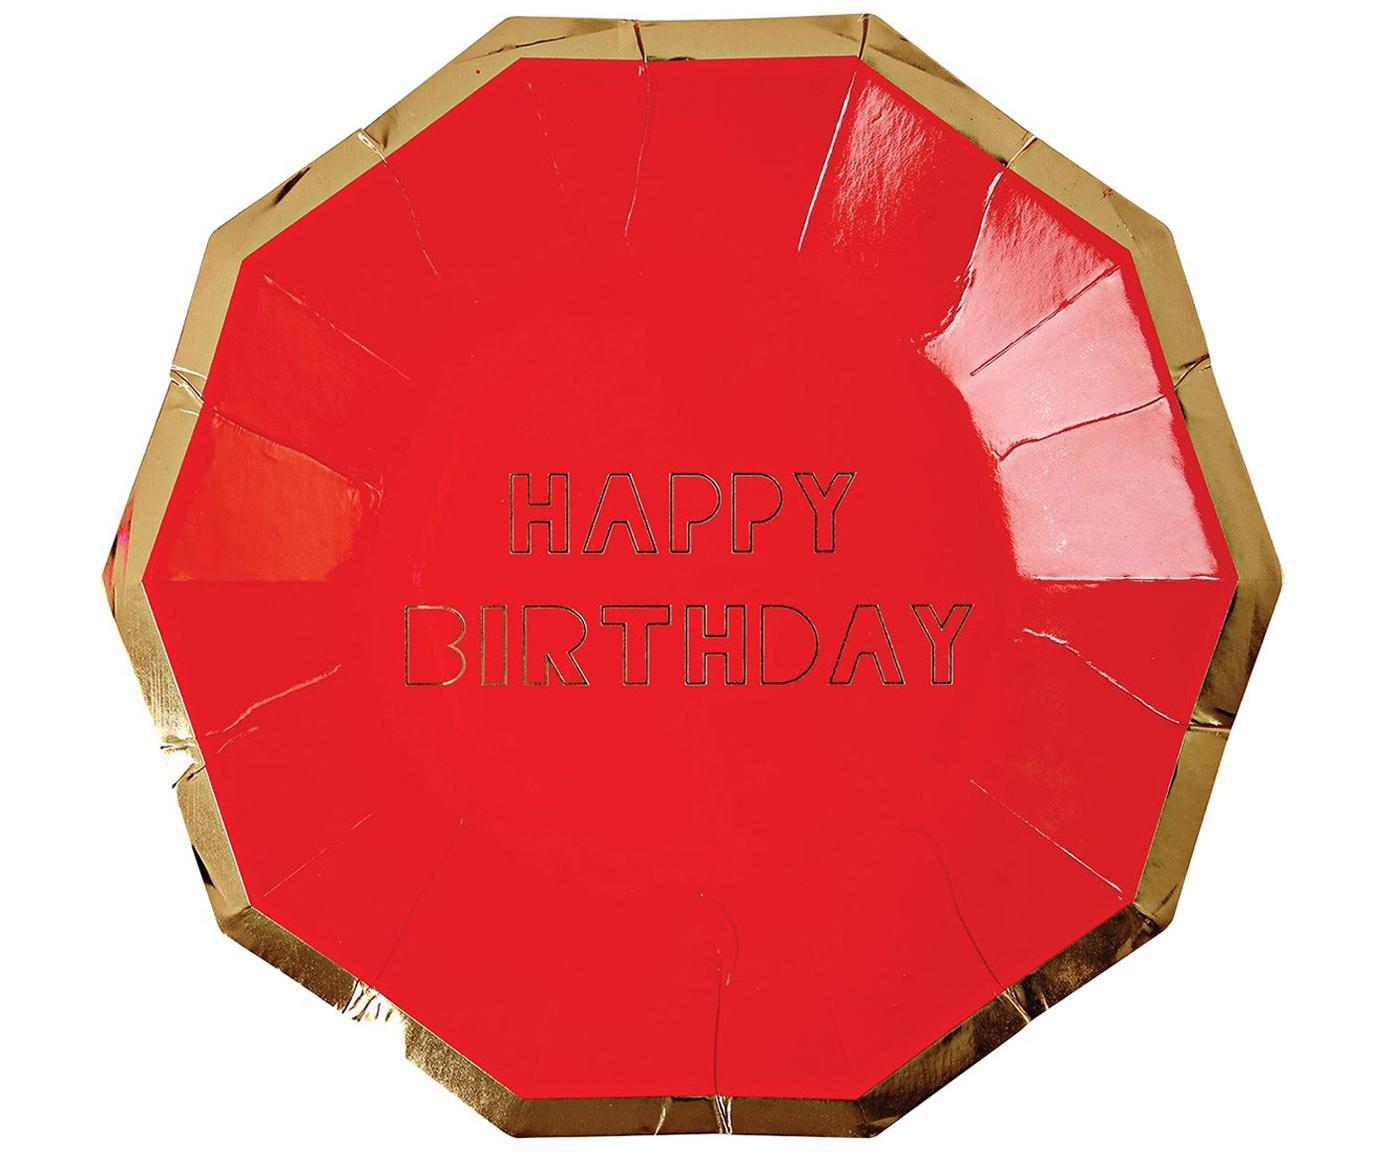 Platos de papel Happy Birthday, 16uds., Papel, recubierto, Rojo, dorado, An 19 x Al 19 cm